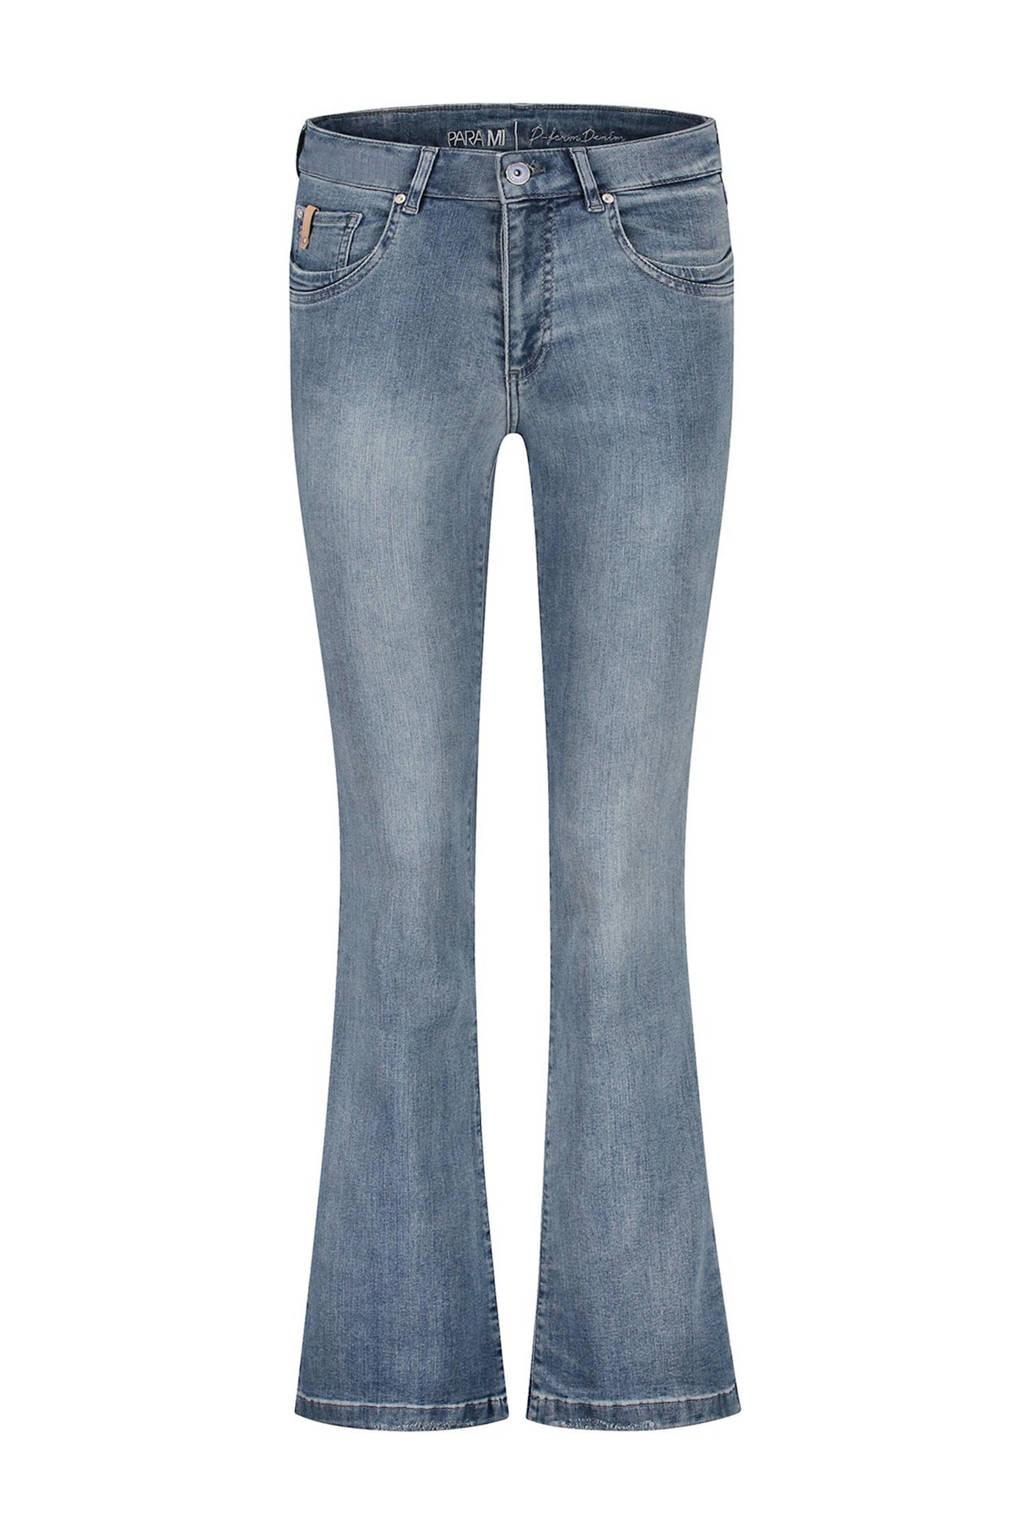 Para Mi high waist flared jeans Jade d85 - light shadow, D85 - Light Shadow